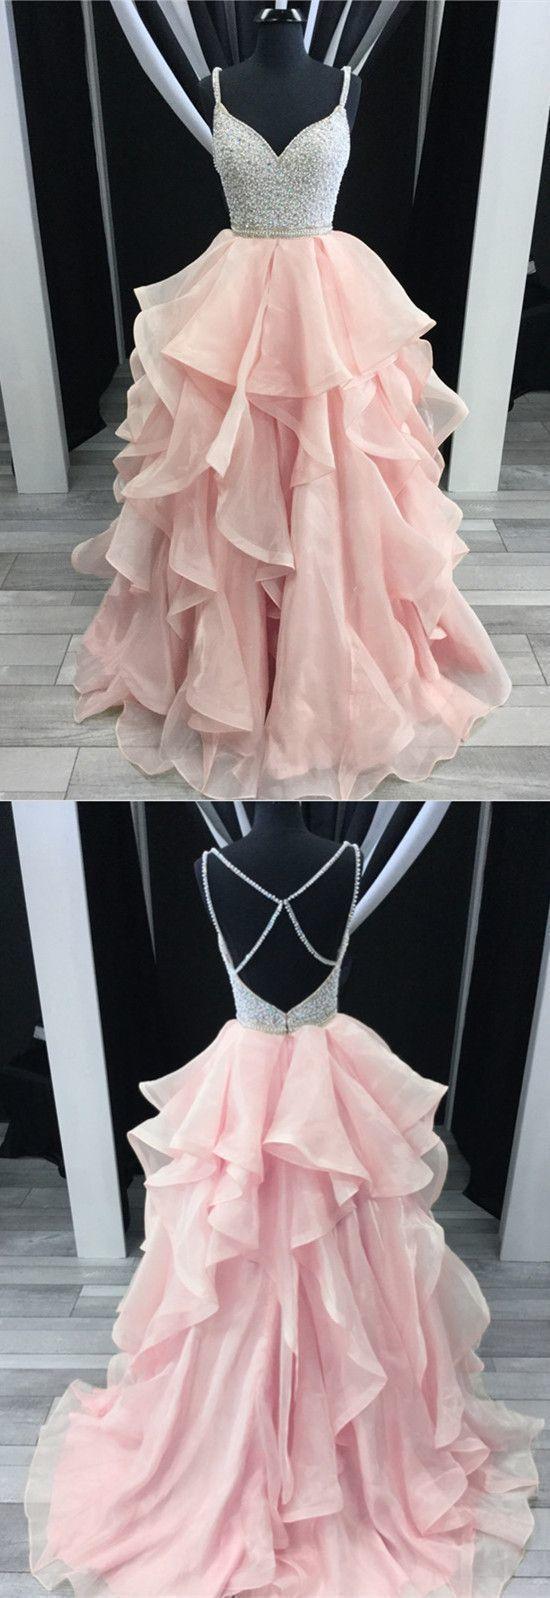 的 sparkly pretty tulle vneck long prom dresses the newest